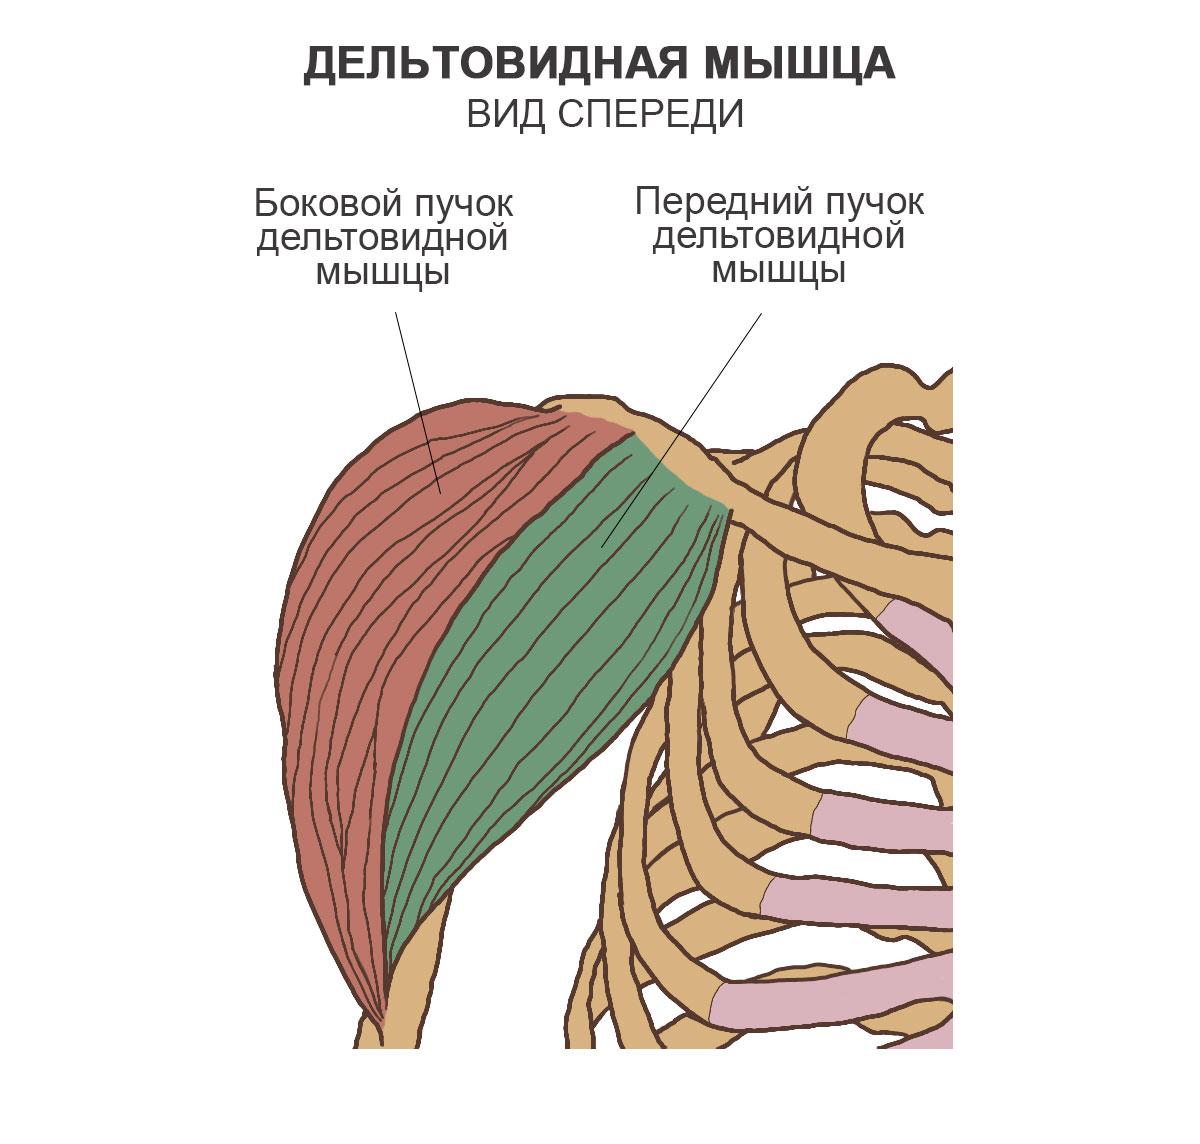 Дельтовидная мышца, вид спереди